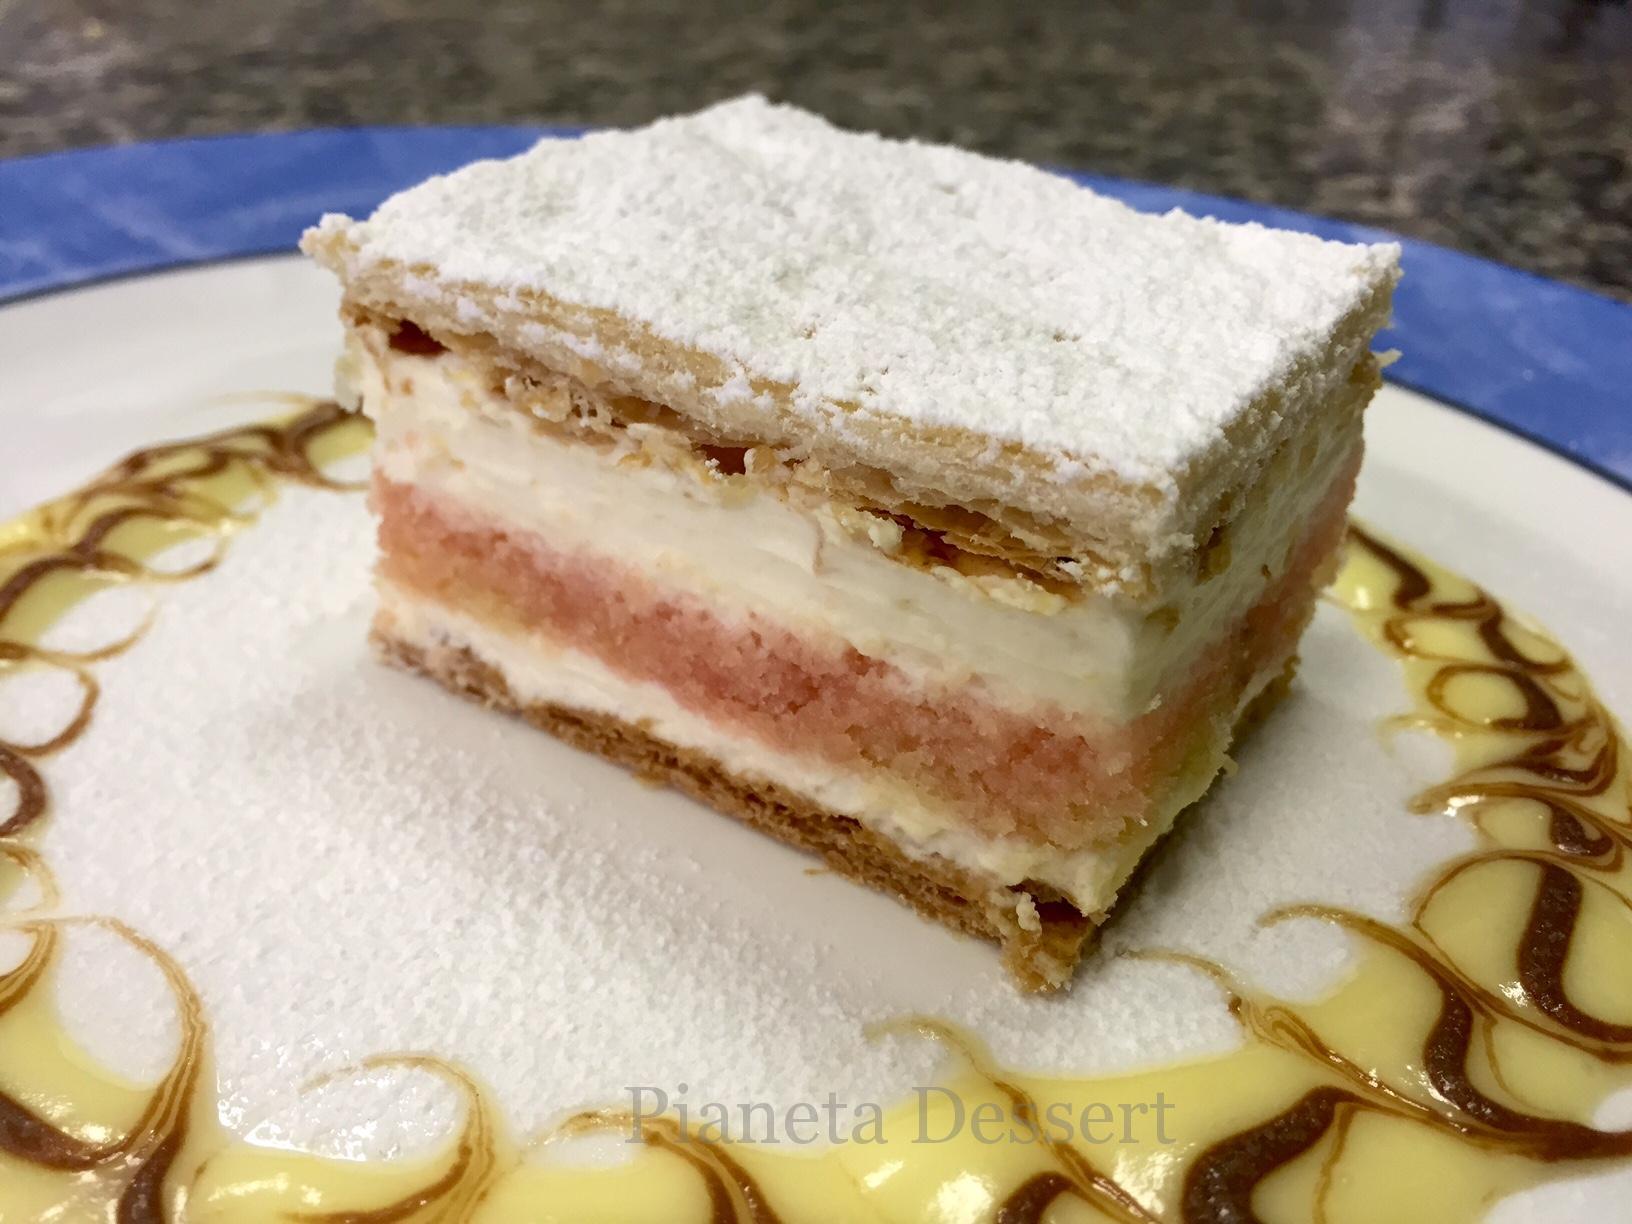 Quanto zucchero va nella bagna? - Pianeta Dessert